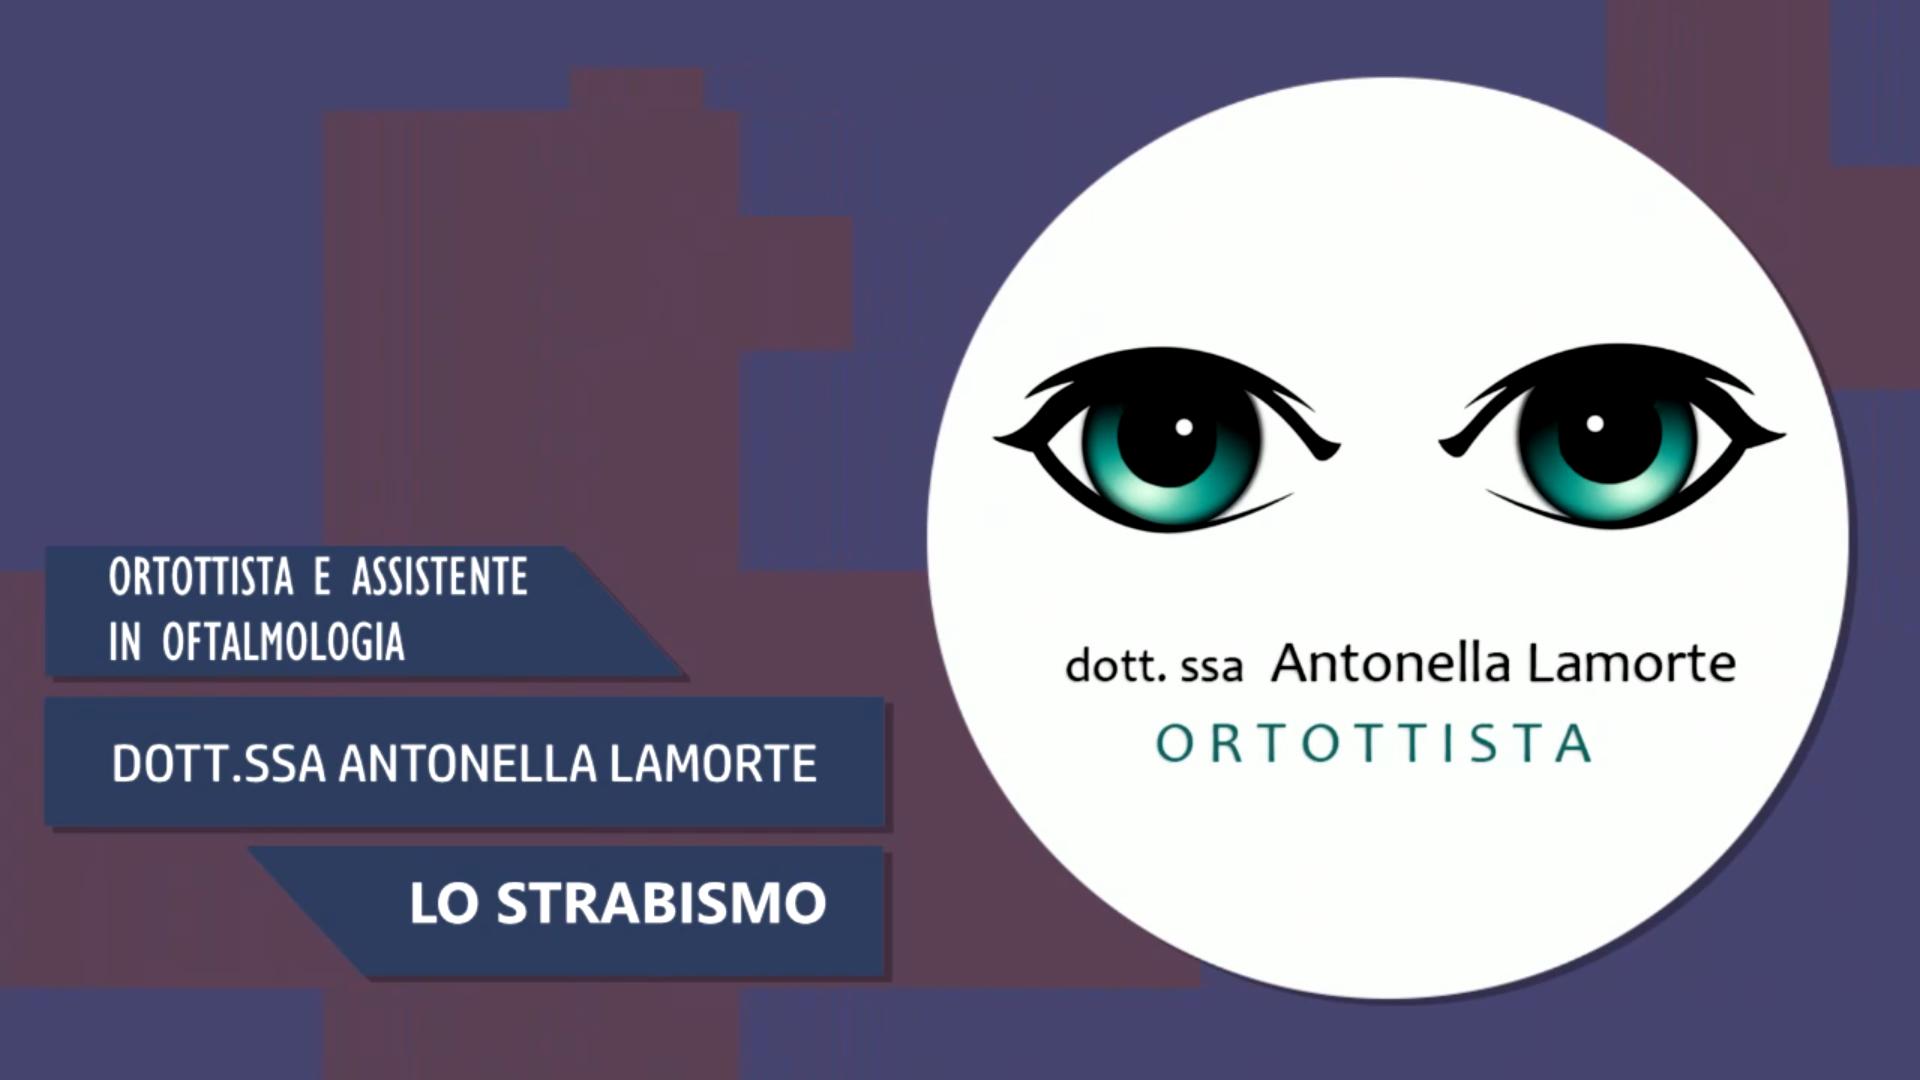 Intervista alla Dott.ssa Antonella Lamorte – Lo strabismo